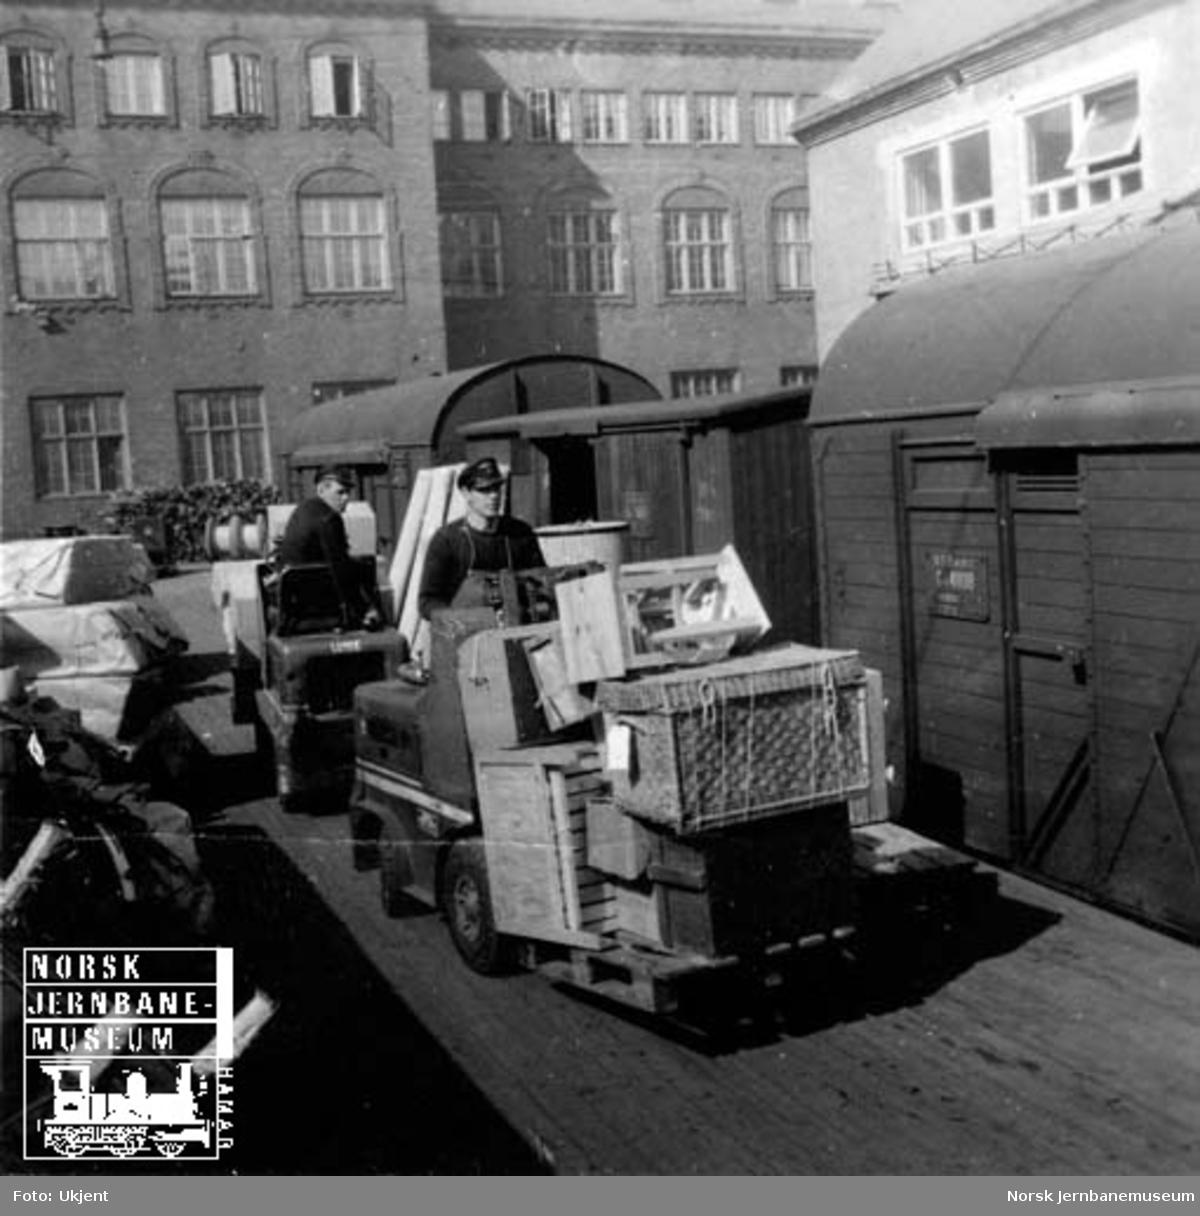 Lasting eller lossing av godsvogner, trolig på godsekspedisjonen, Oslo Ø